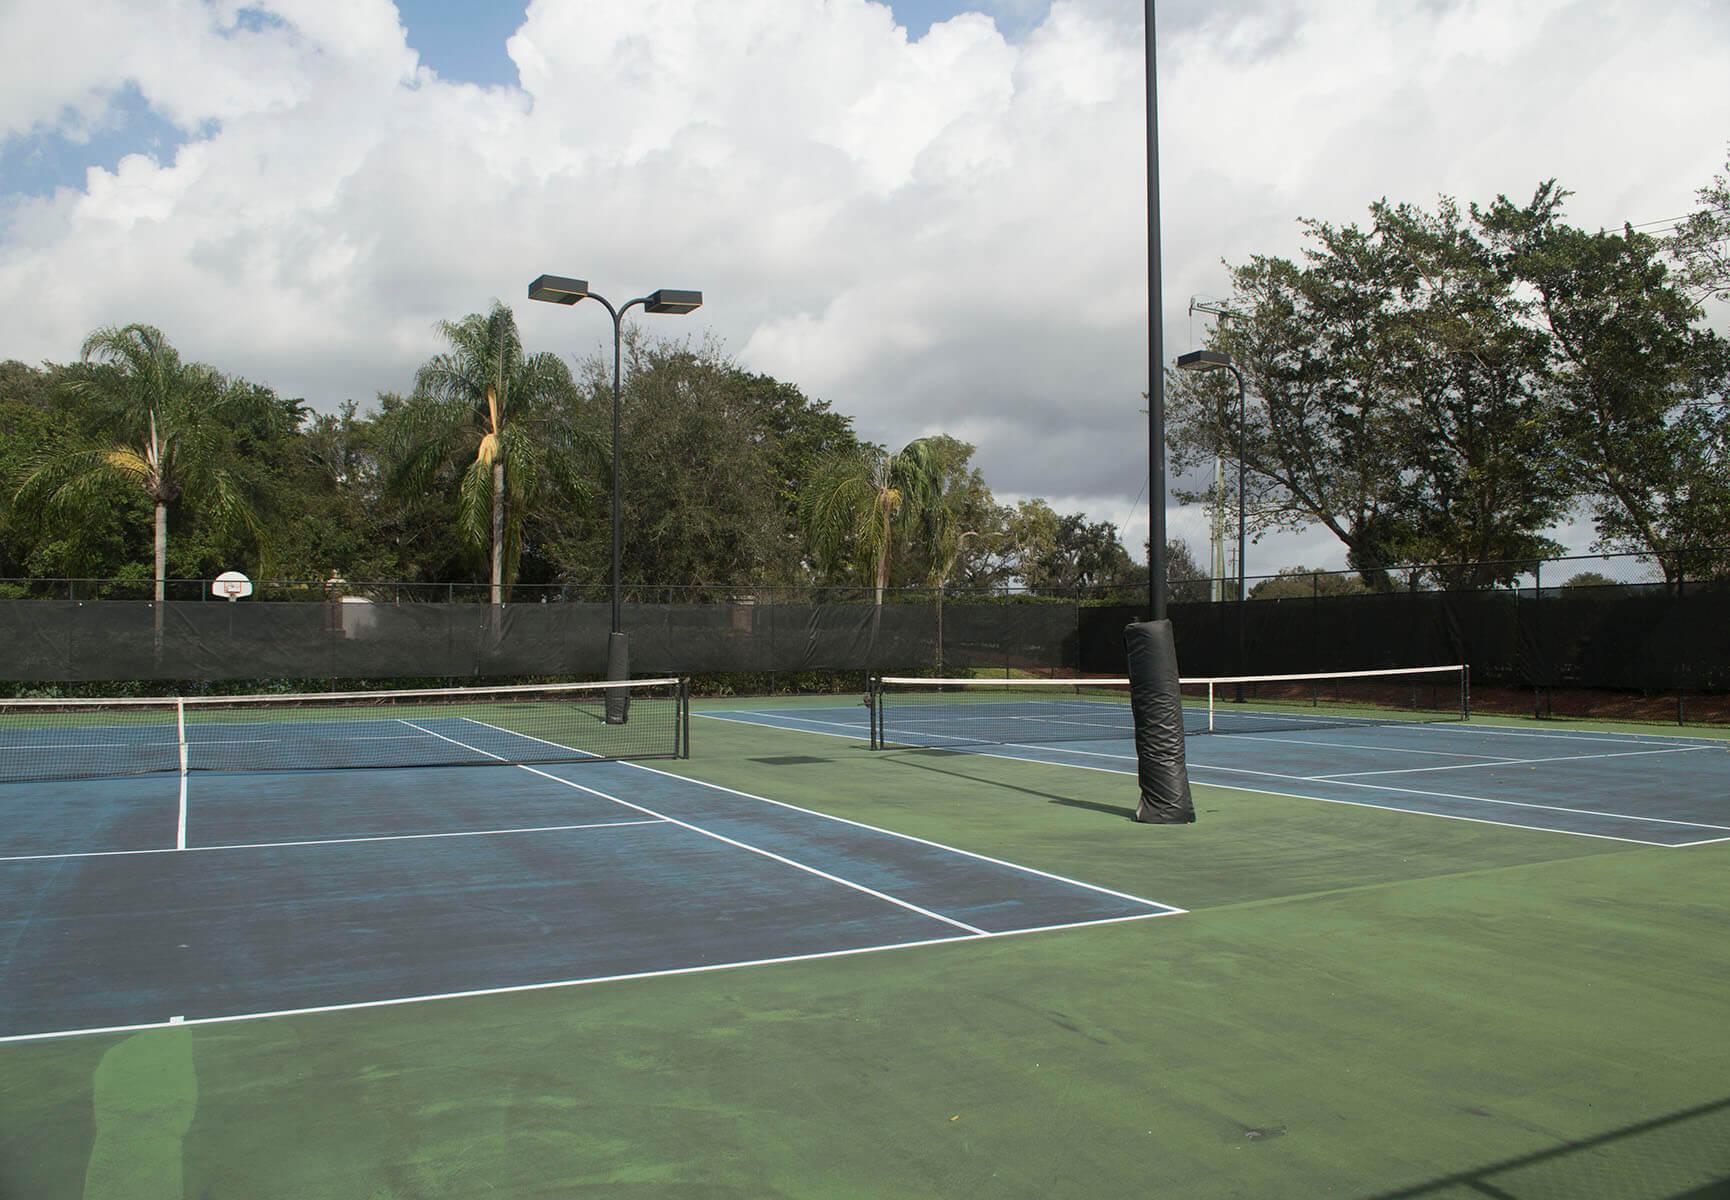 9651-Ridgeside-Ct-Davie-FL-26-Tennis-Courts